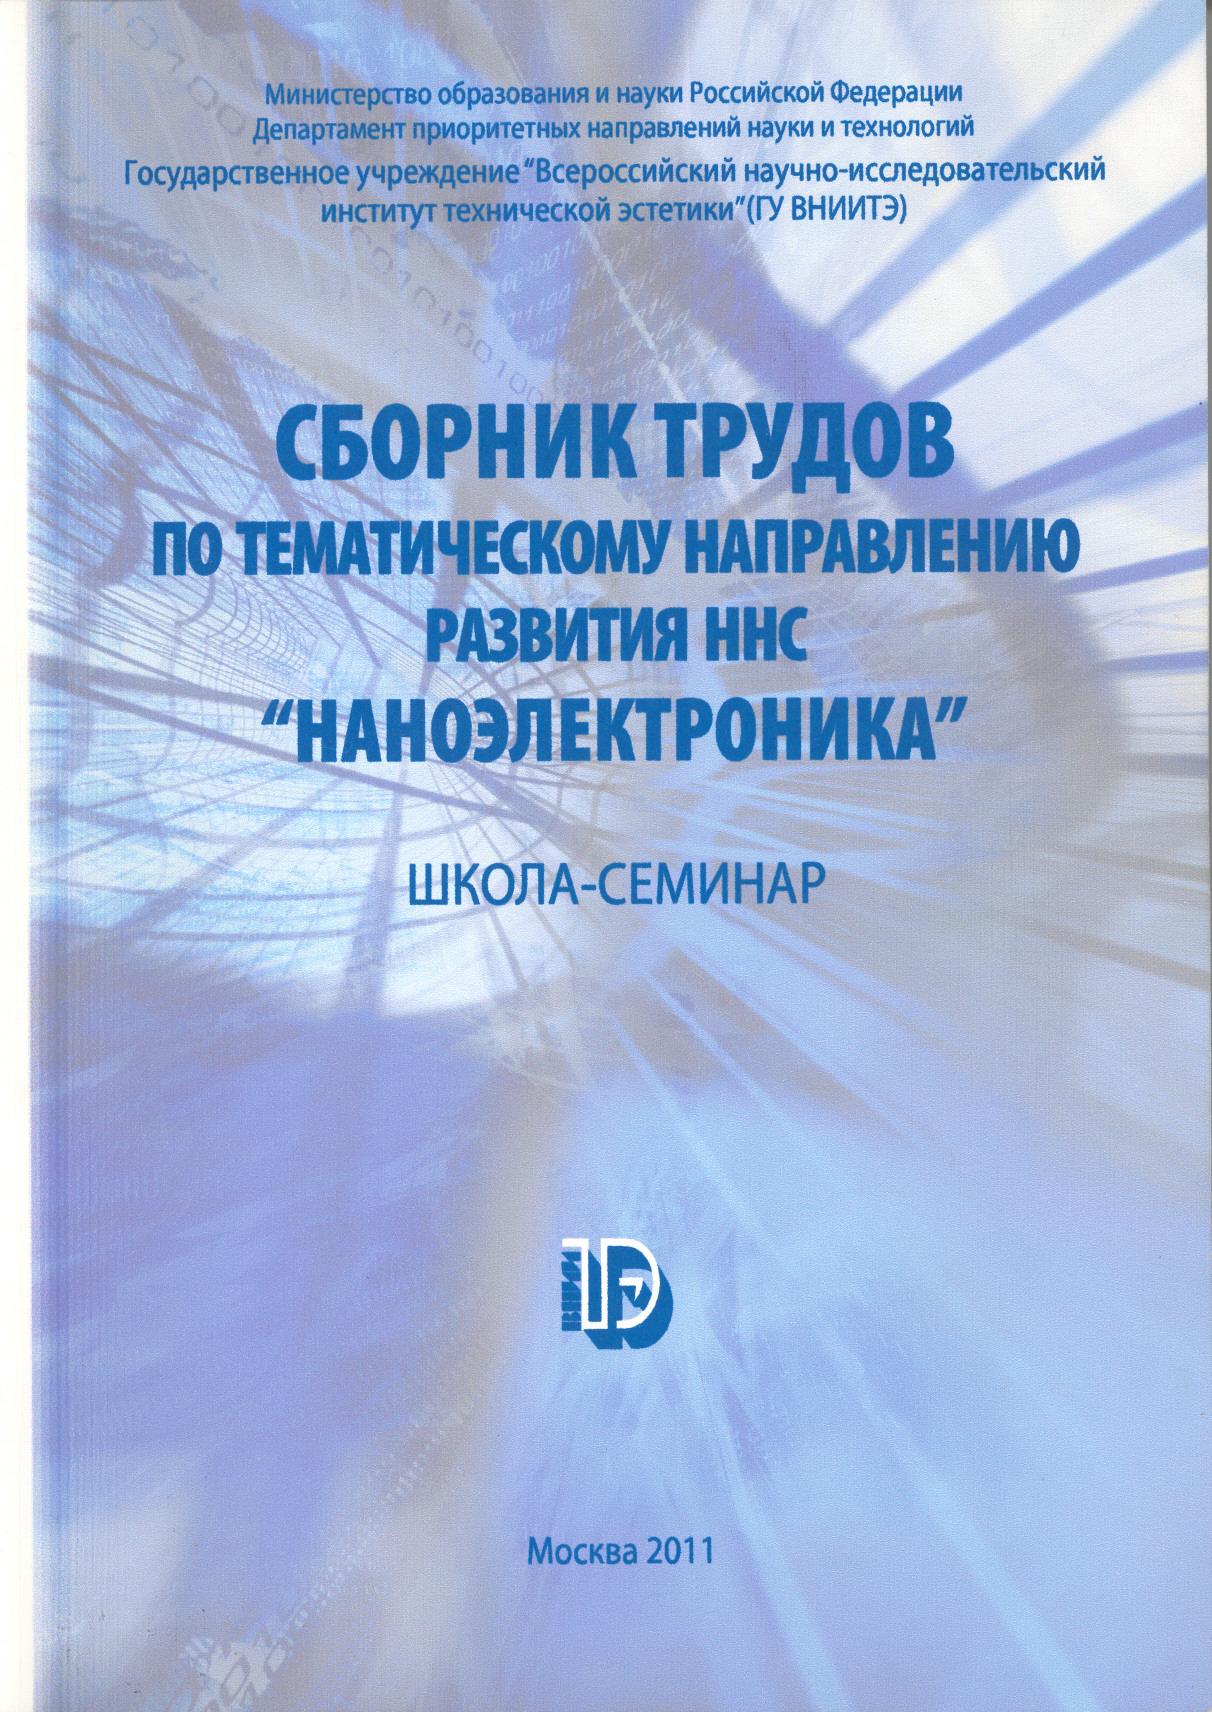 Сборник трудов по тематическому направлению ННС «Наноэлектроника»